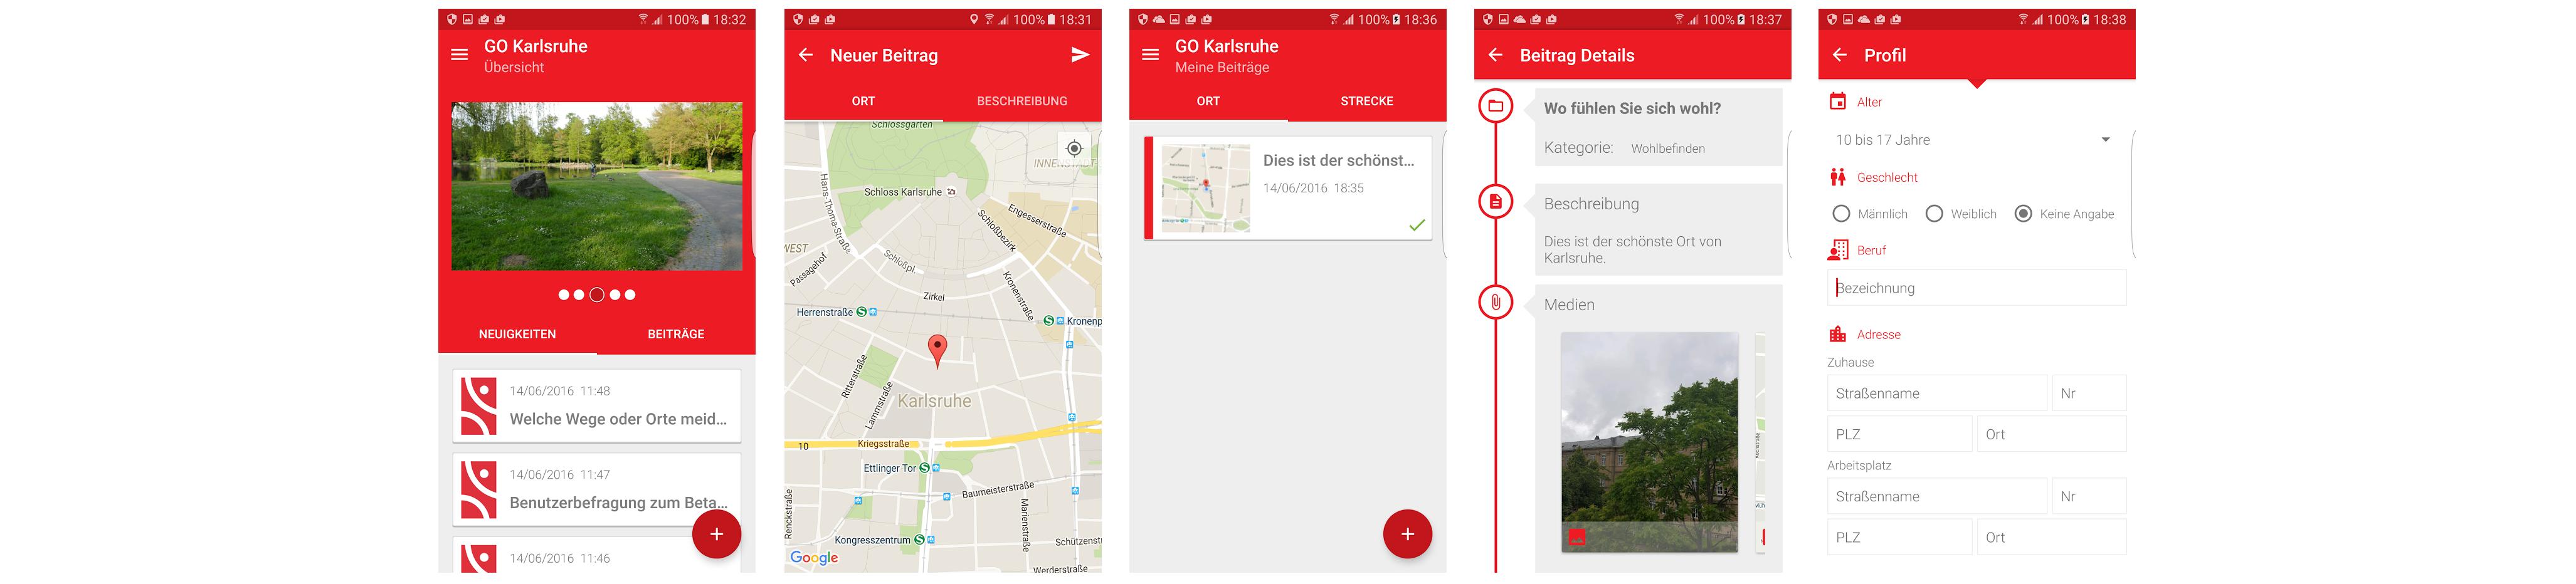 GO Karlsruhe App installieren und Mängel melden!